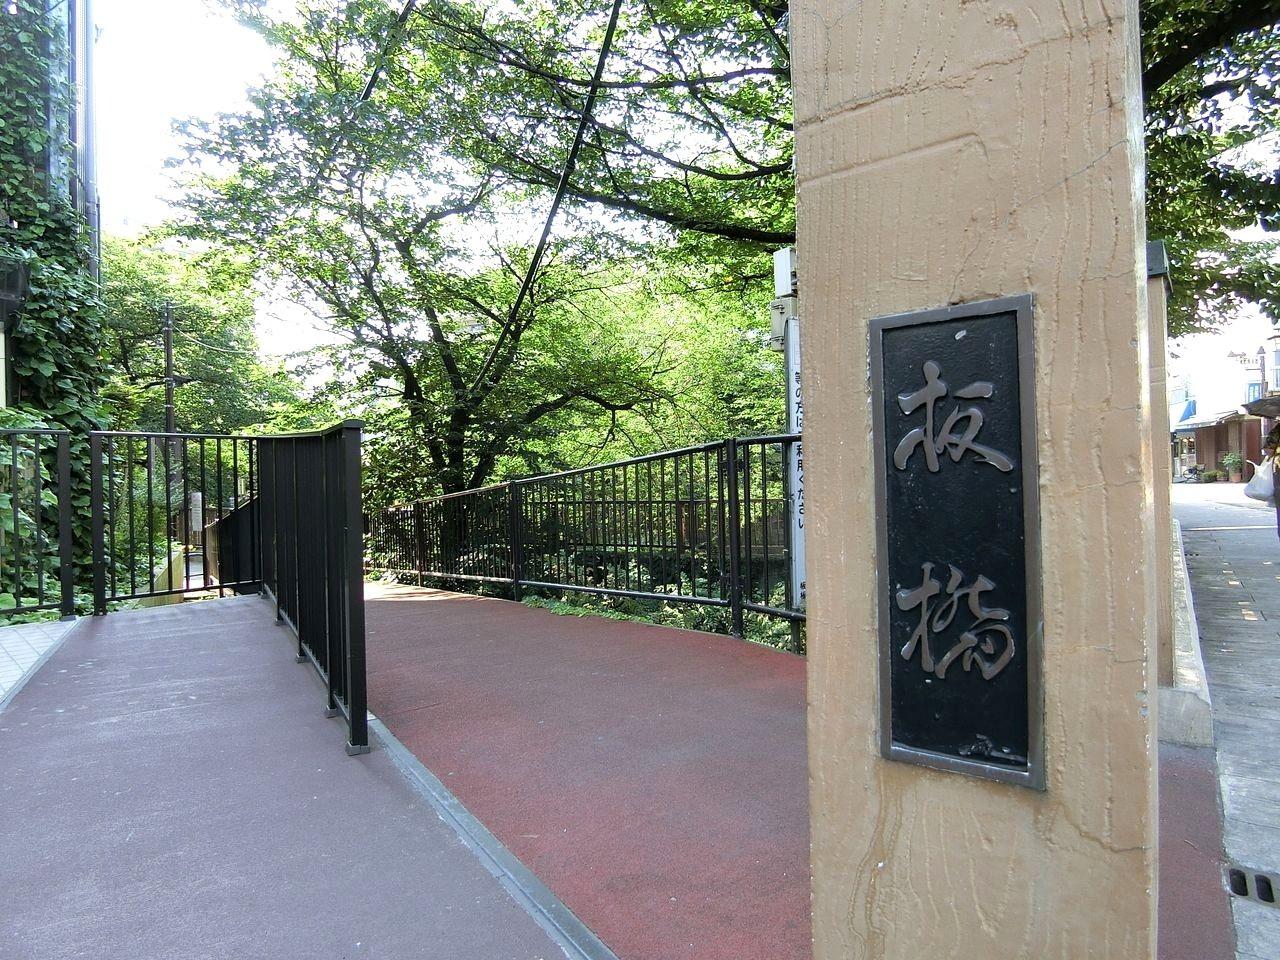 板橋区内の地名の読み方